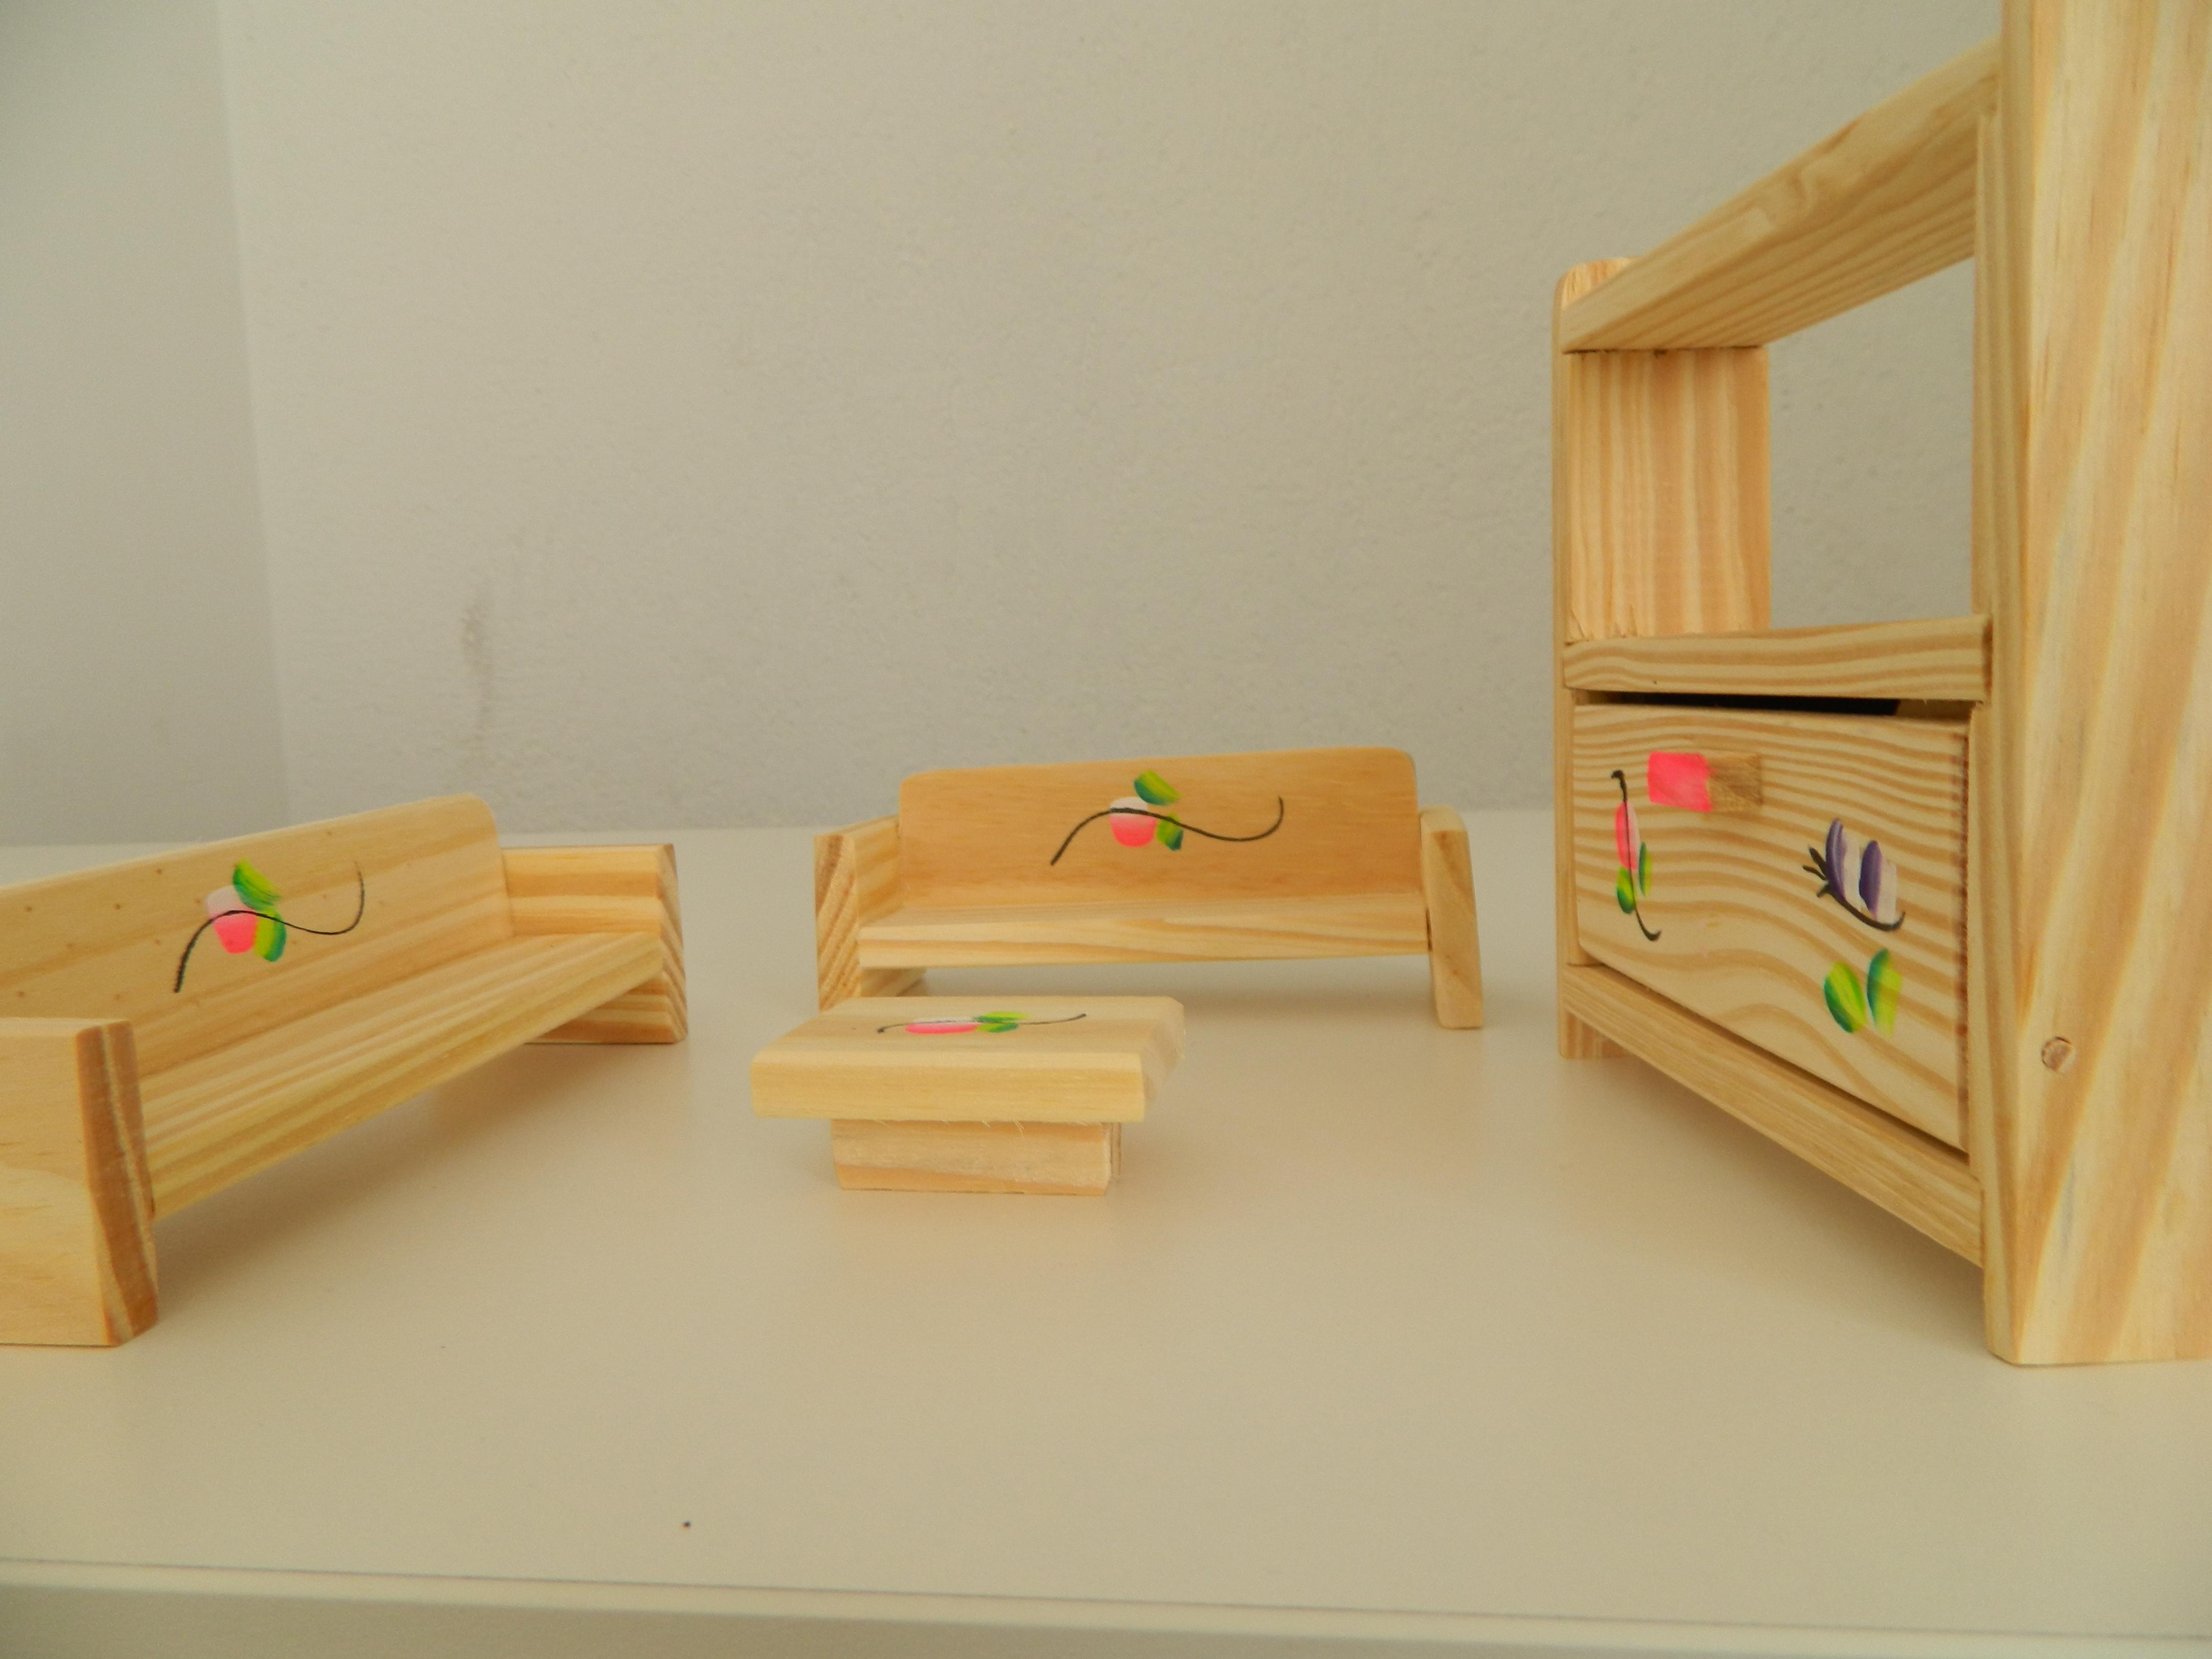 moveis para casinha de bonecas sala sala das bonecas #B81713 4320x3240